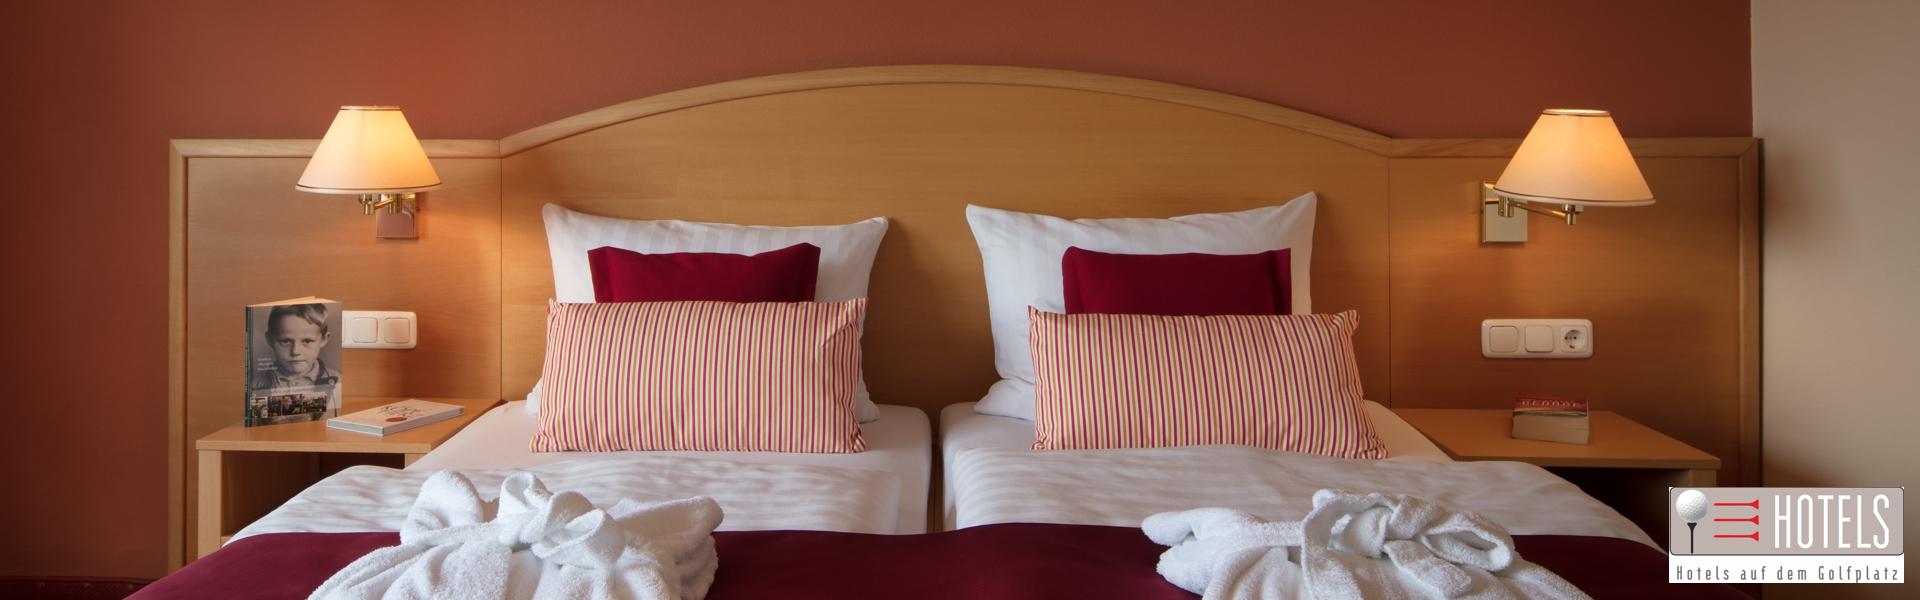 Zimmer mit Doppelbett im Golf- und Landhotel Anetseder 1920x600_72